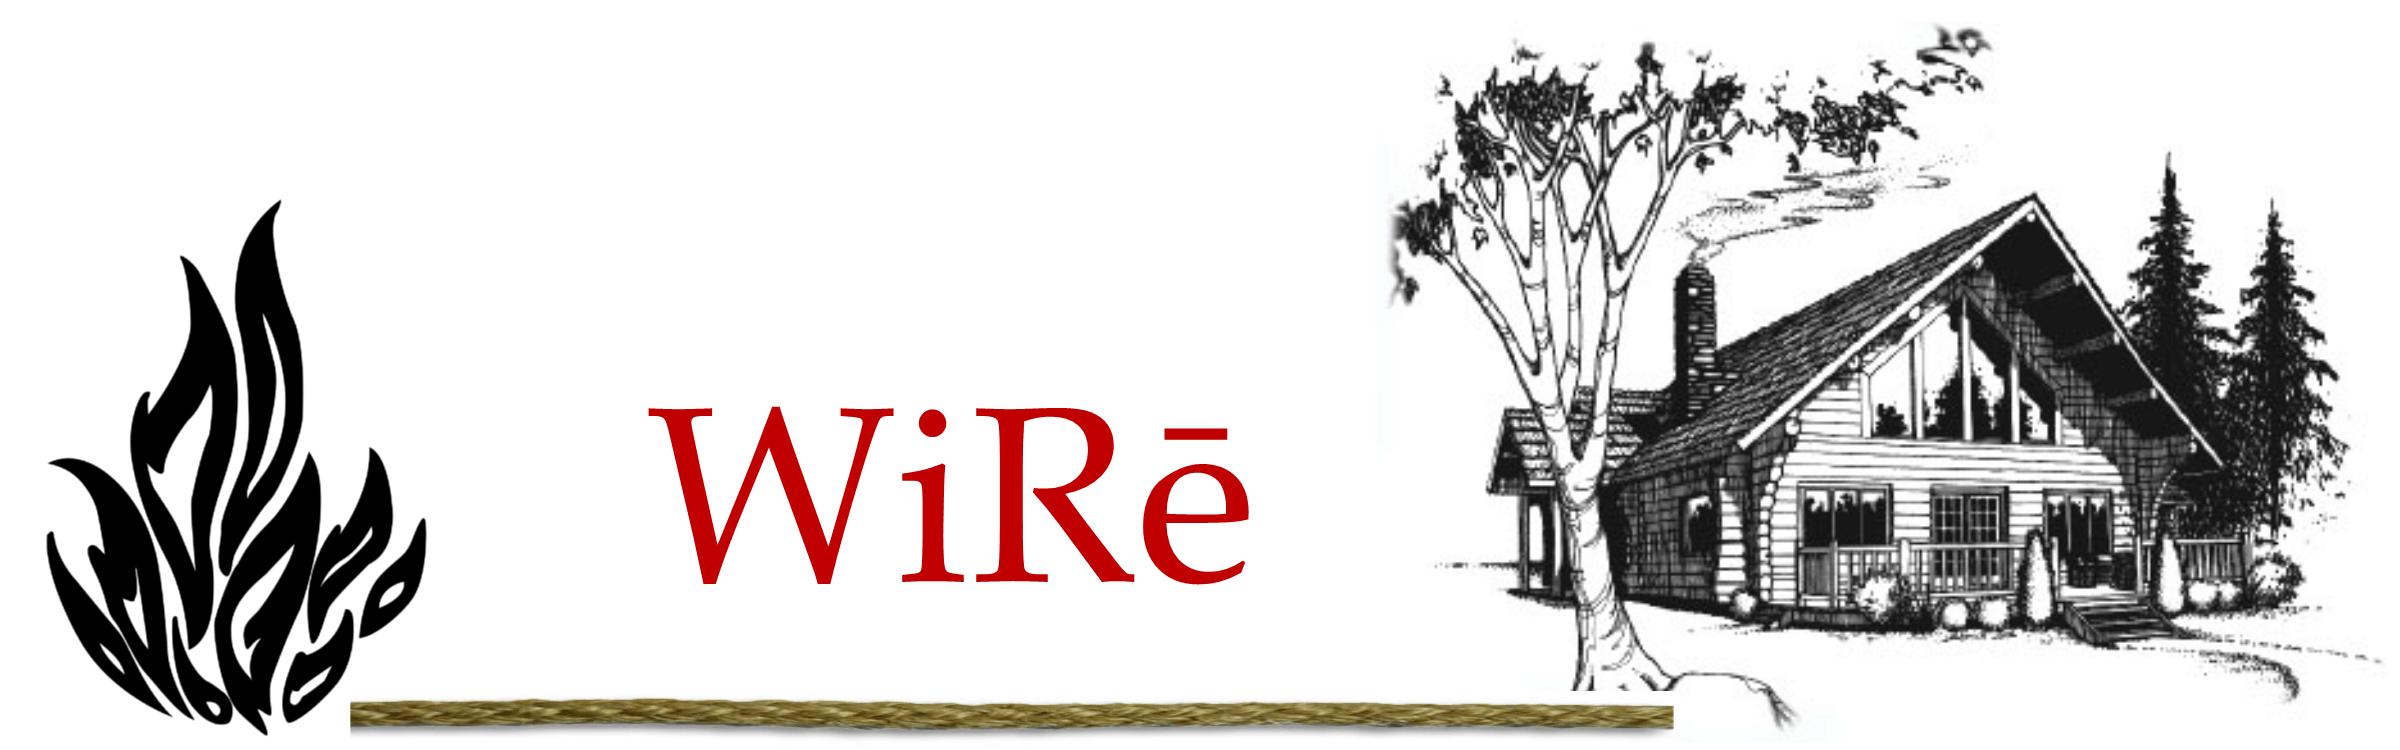 WiRē's logo